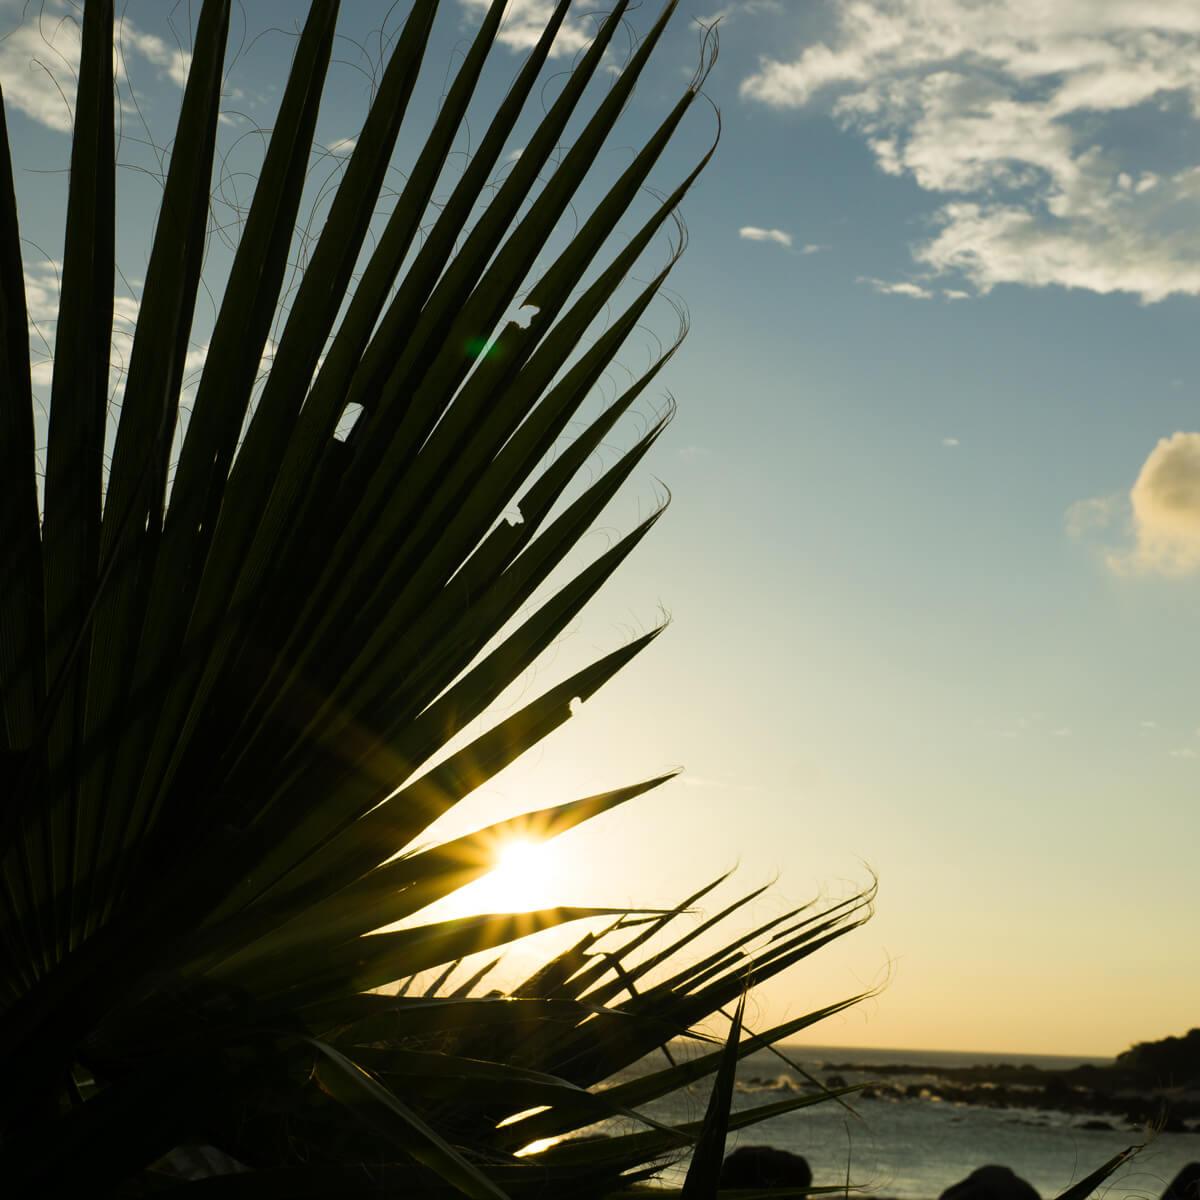 屋久島の海、空、ソテツの影 屋久島海とジュエリー 屋久島でつくる結婚指輪